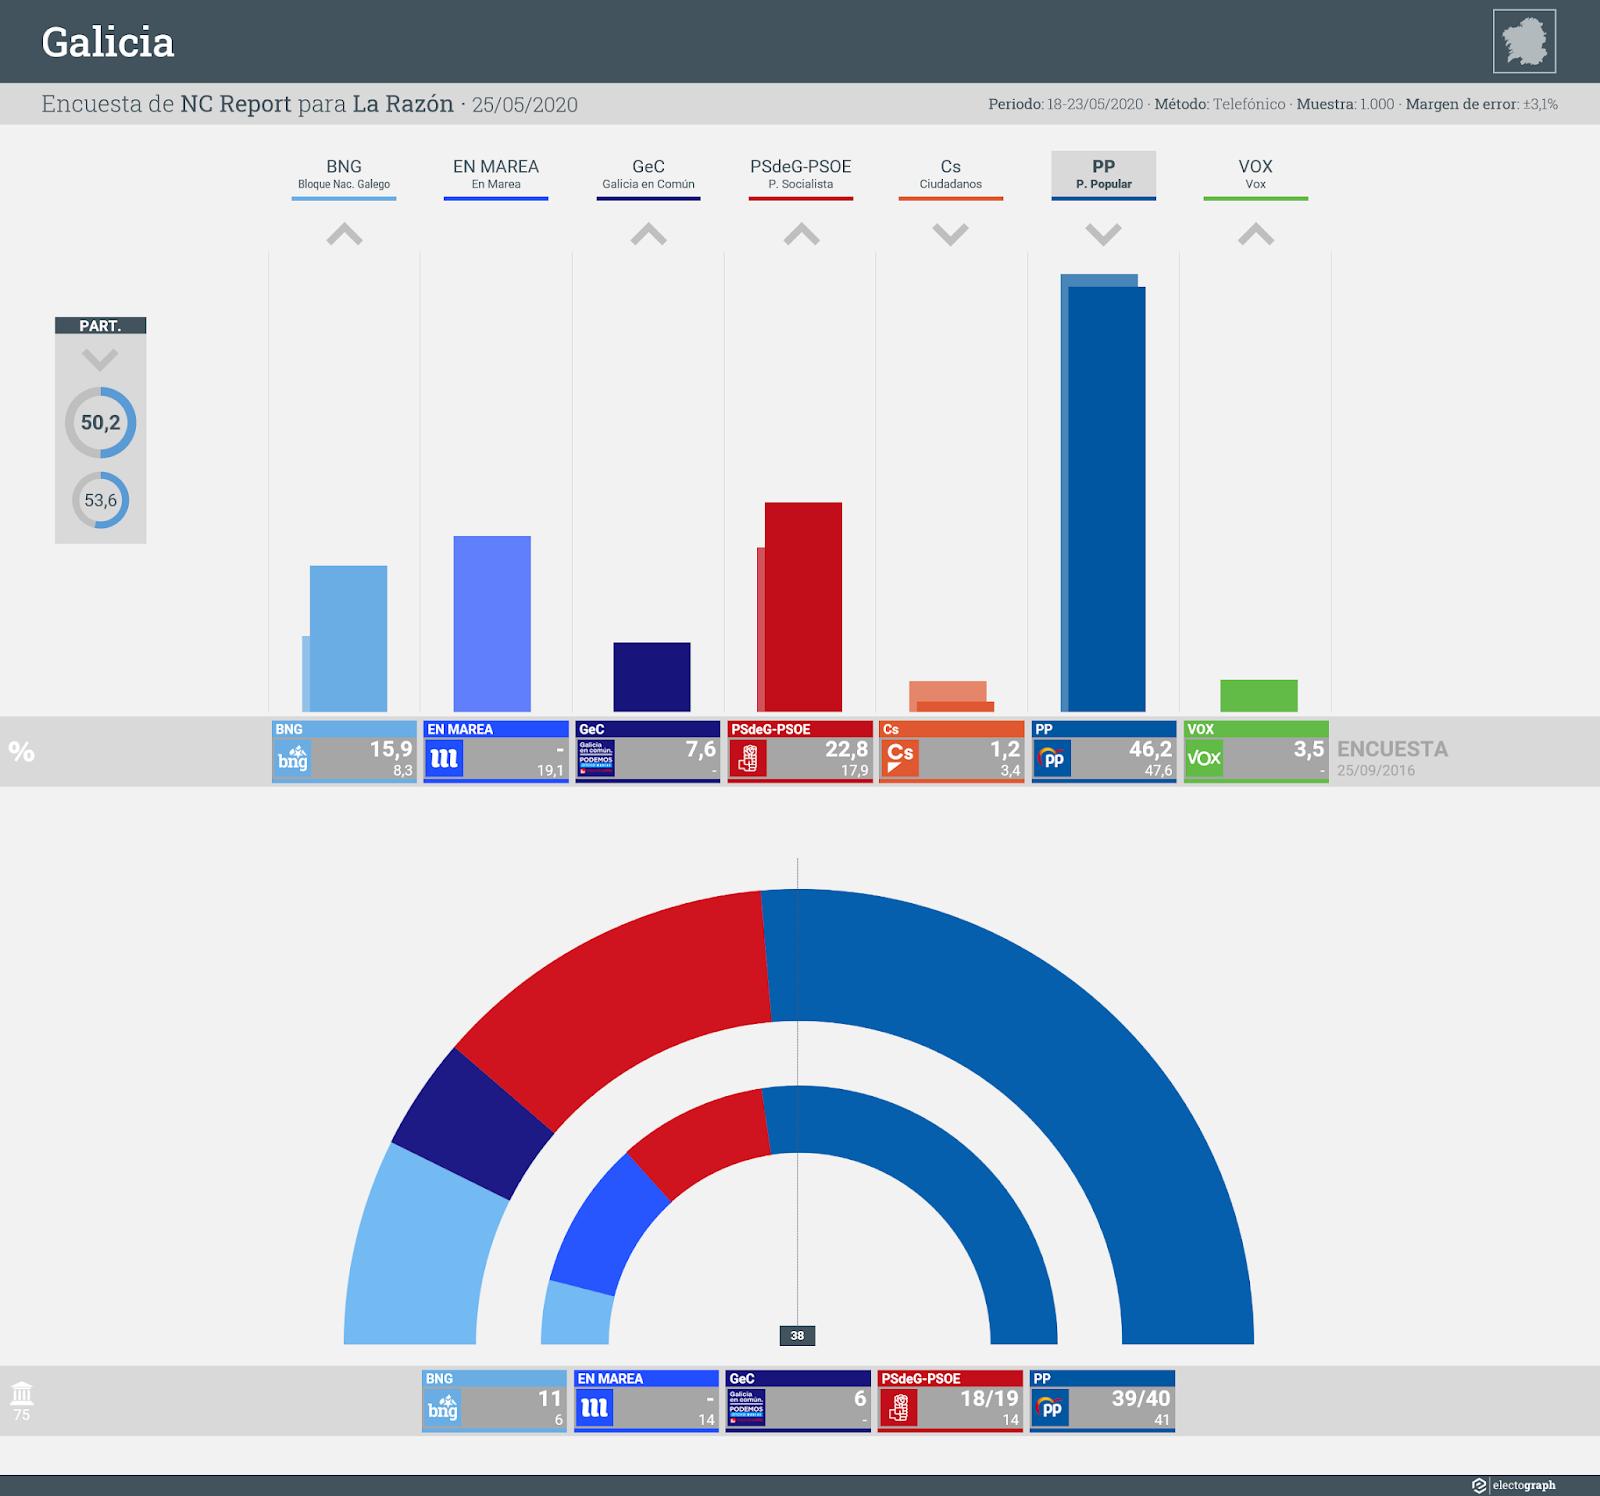 Gráfico de la encuesta para elecciones autonómicas en Galicia realizada por NC Report para La Razón, 25 de mayo de 2020